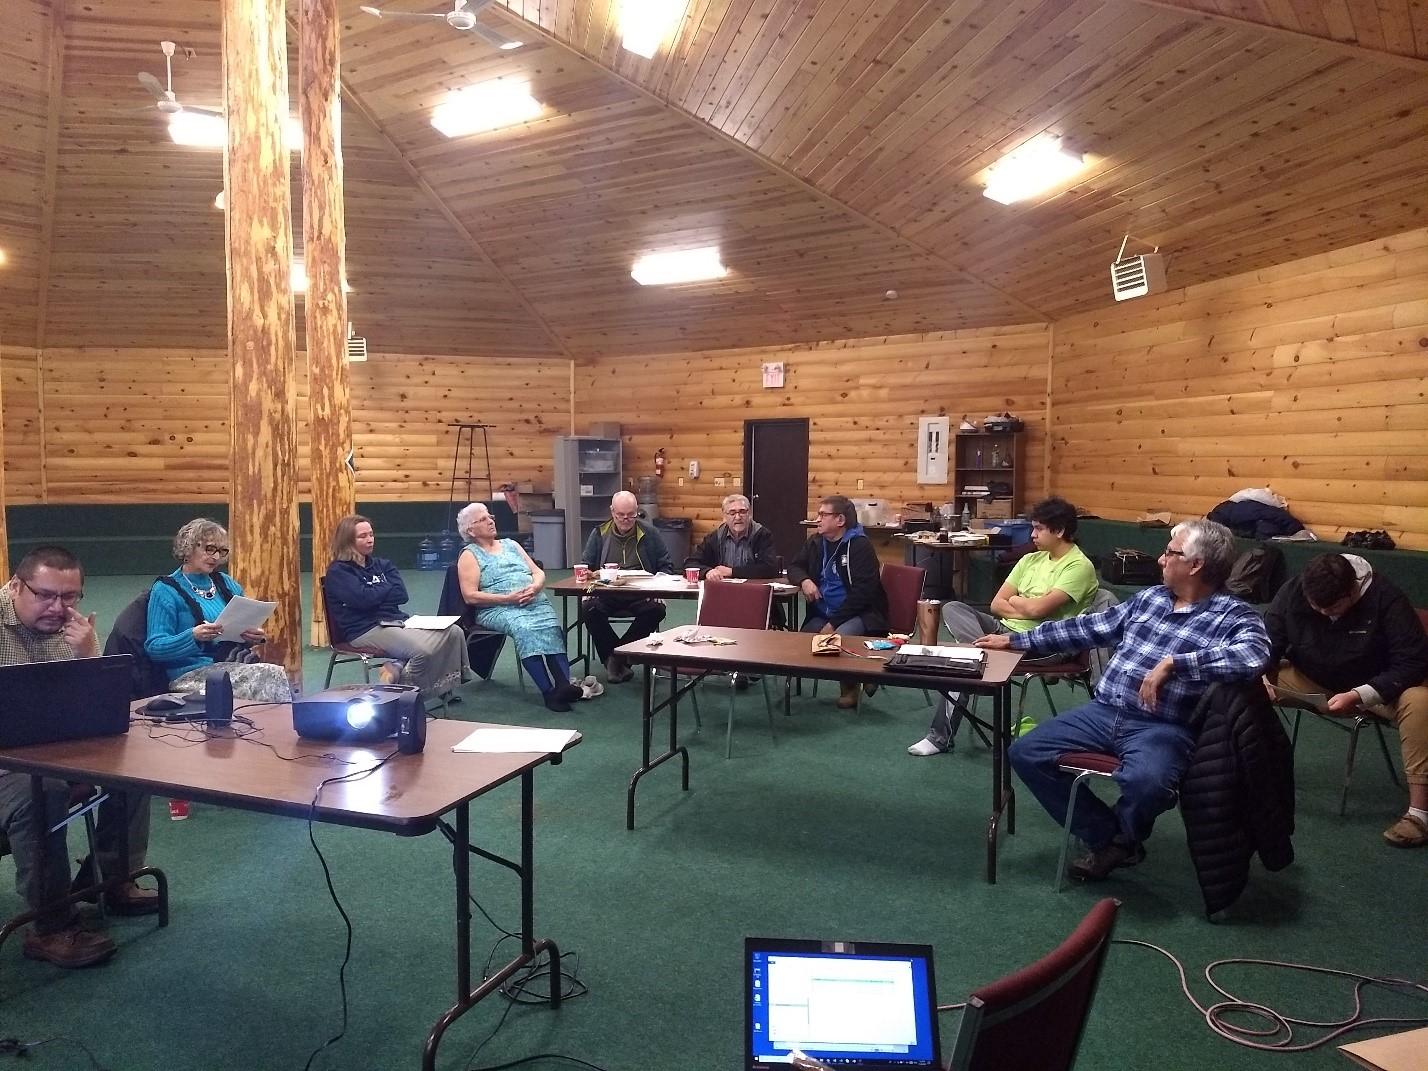 roundhouse meeting elders